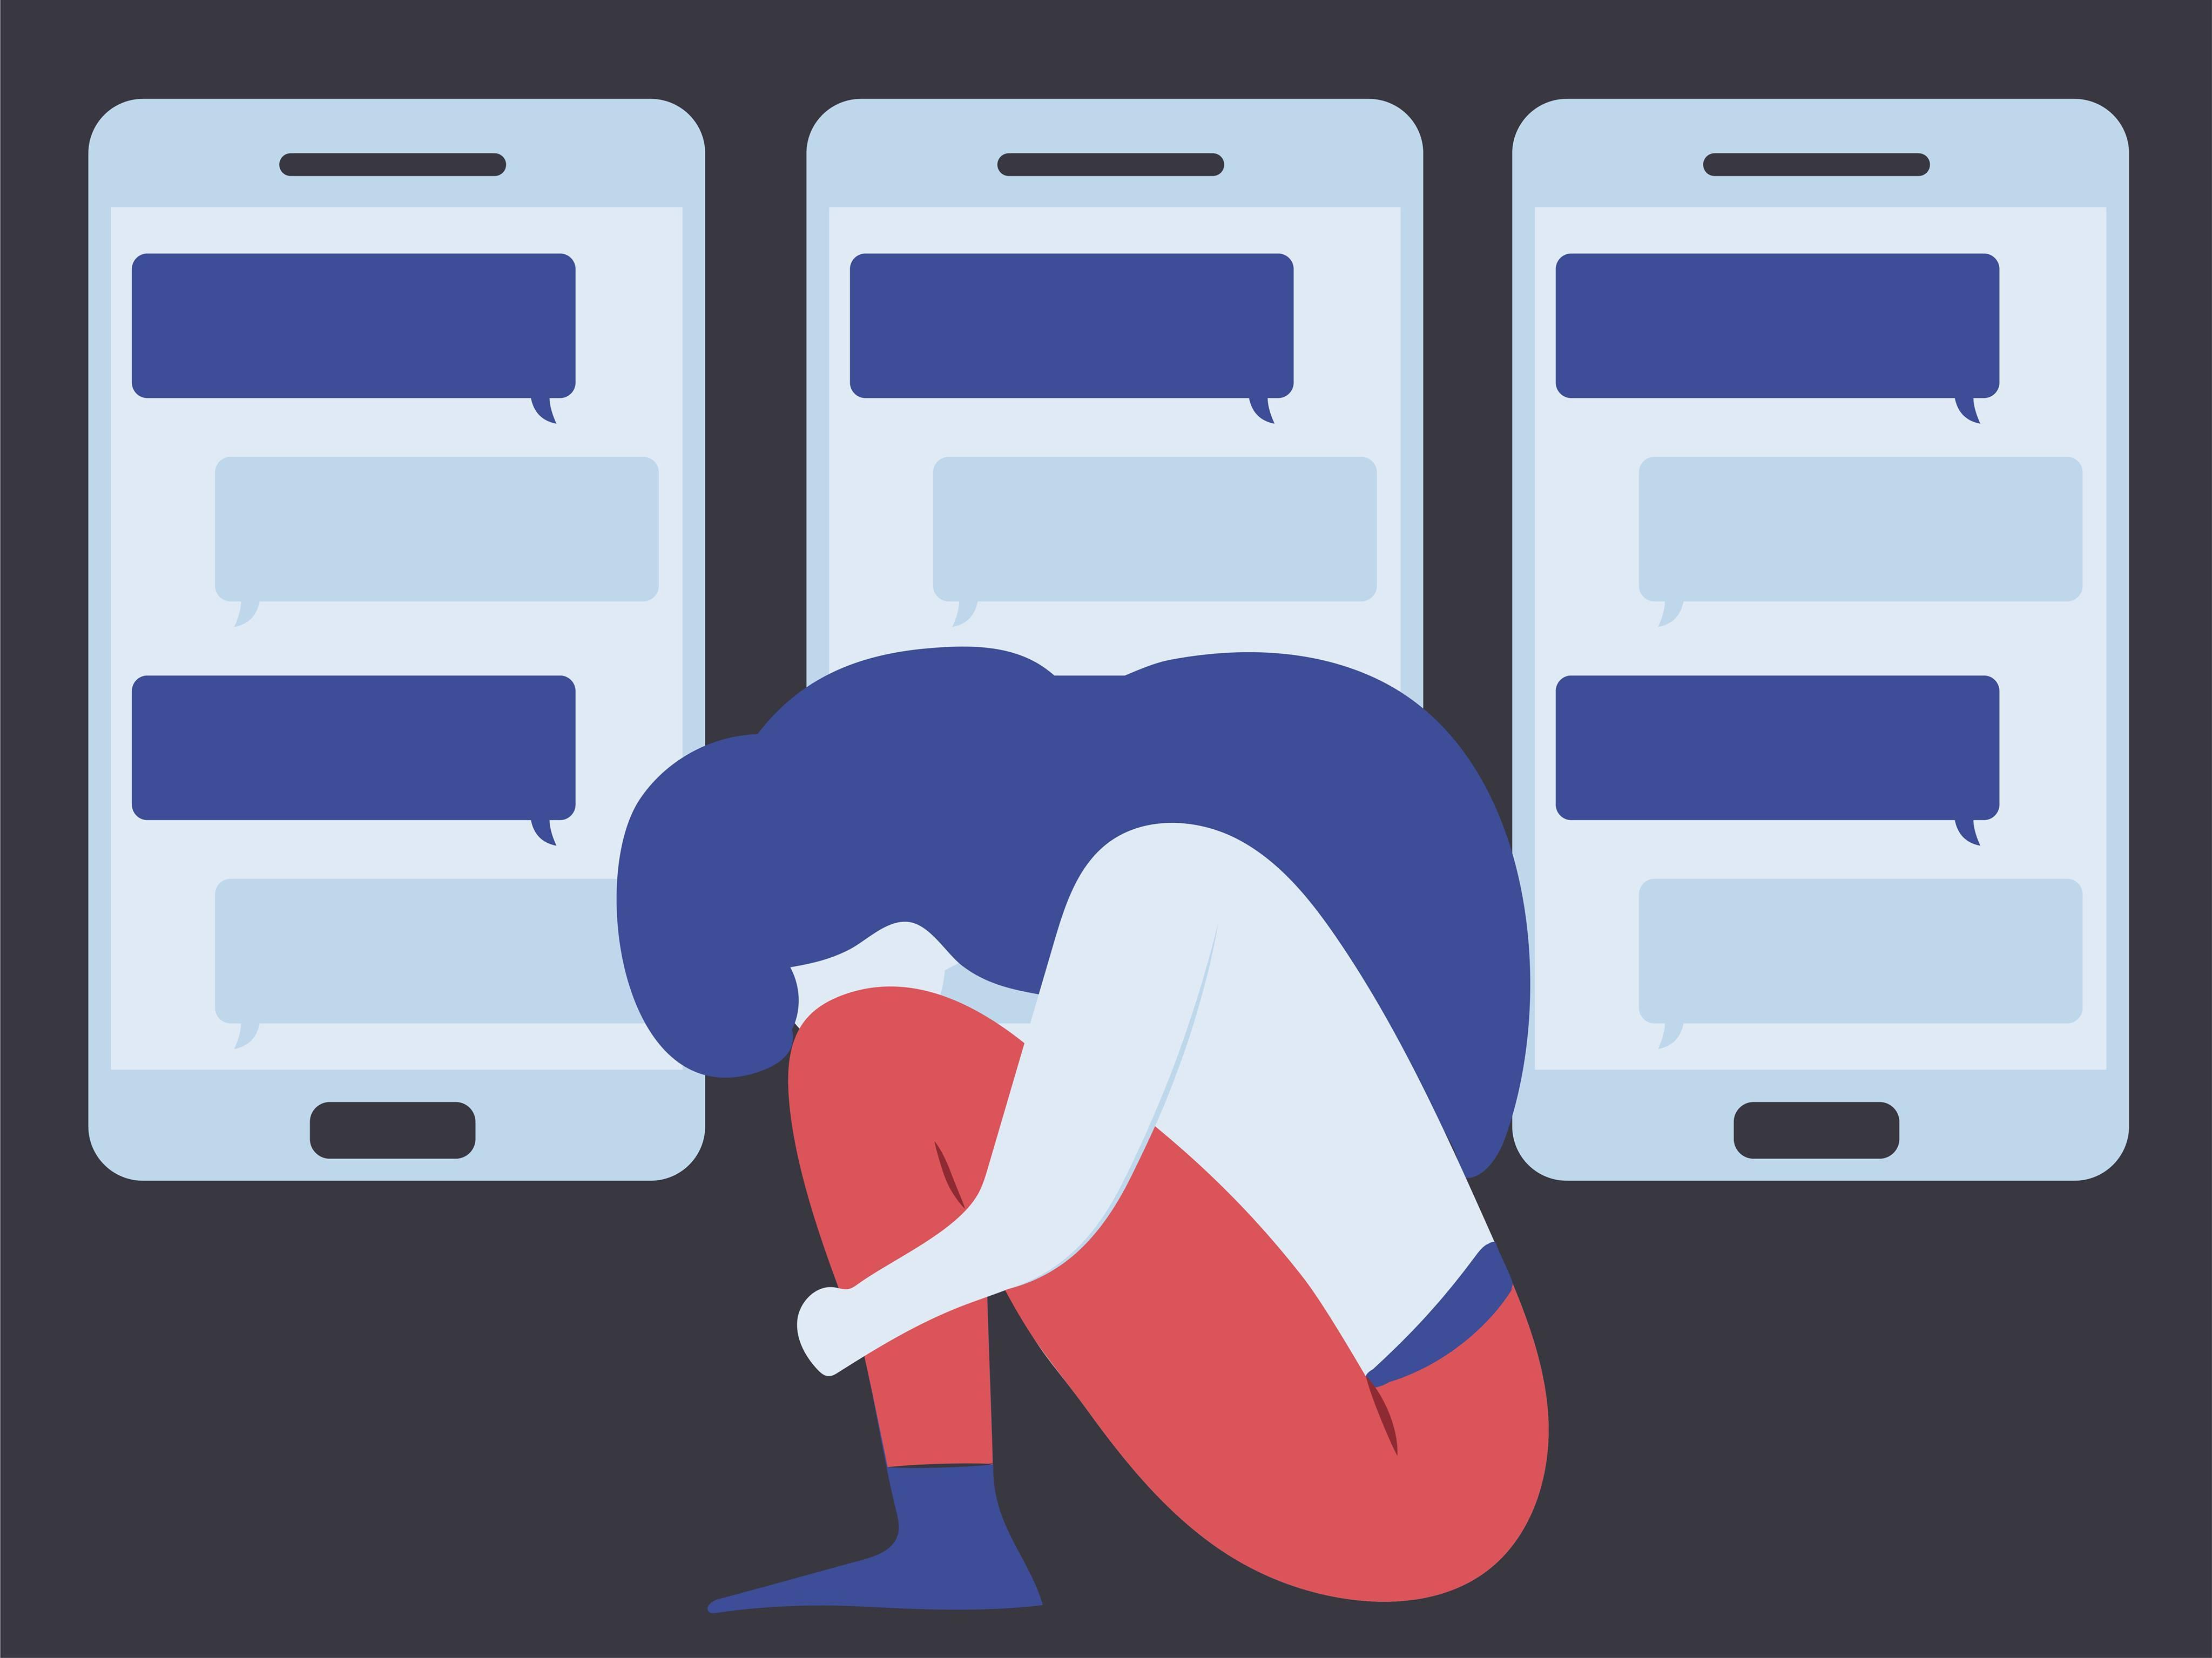 العنف الإلكتروني: عنف وابتزاز جنسي يمارس من خلف الشاشات